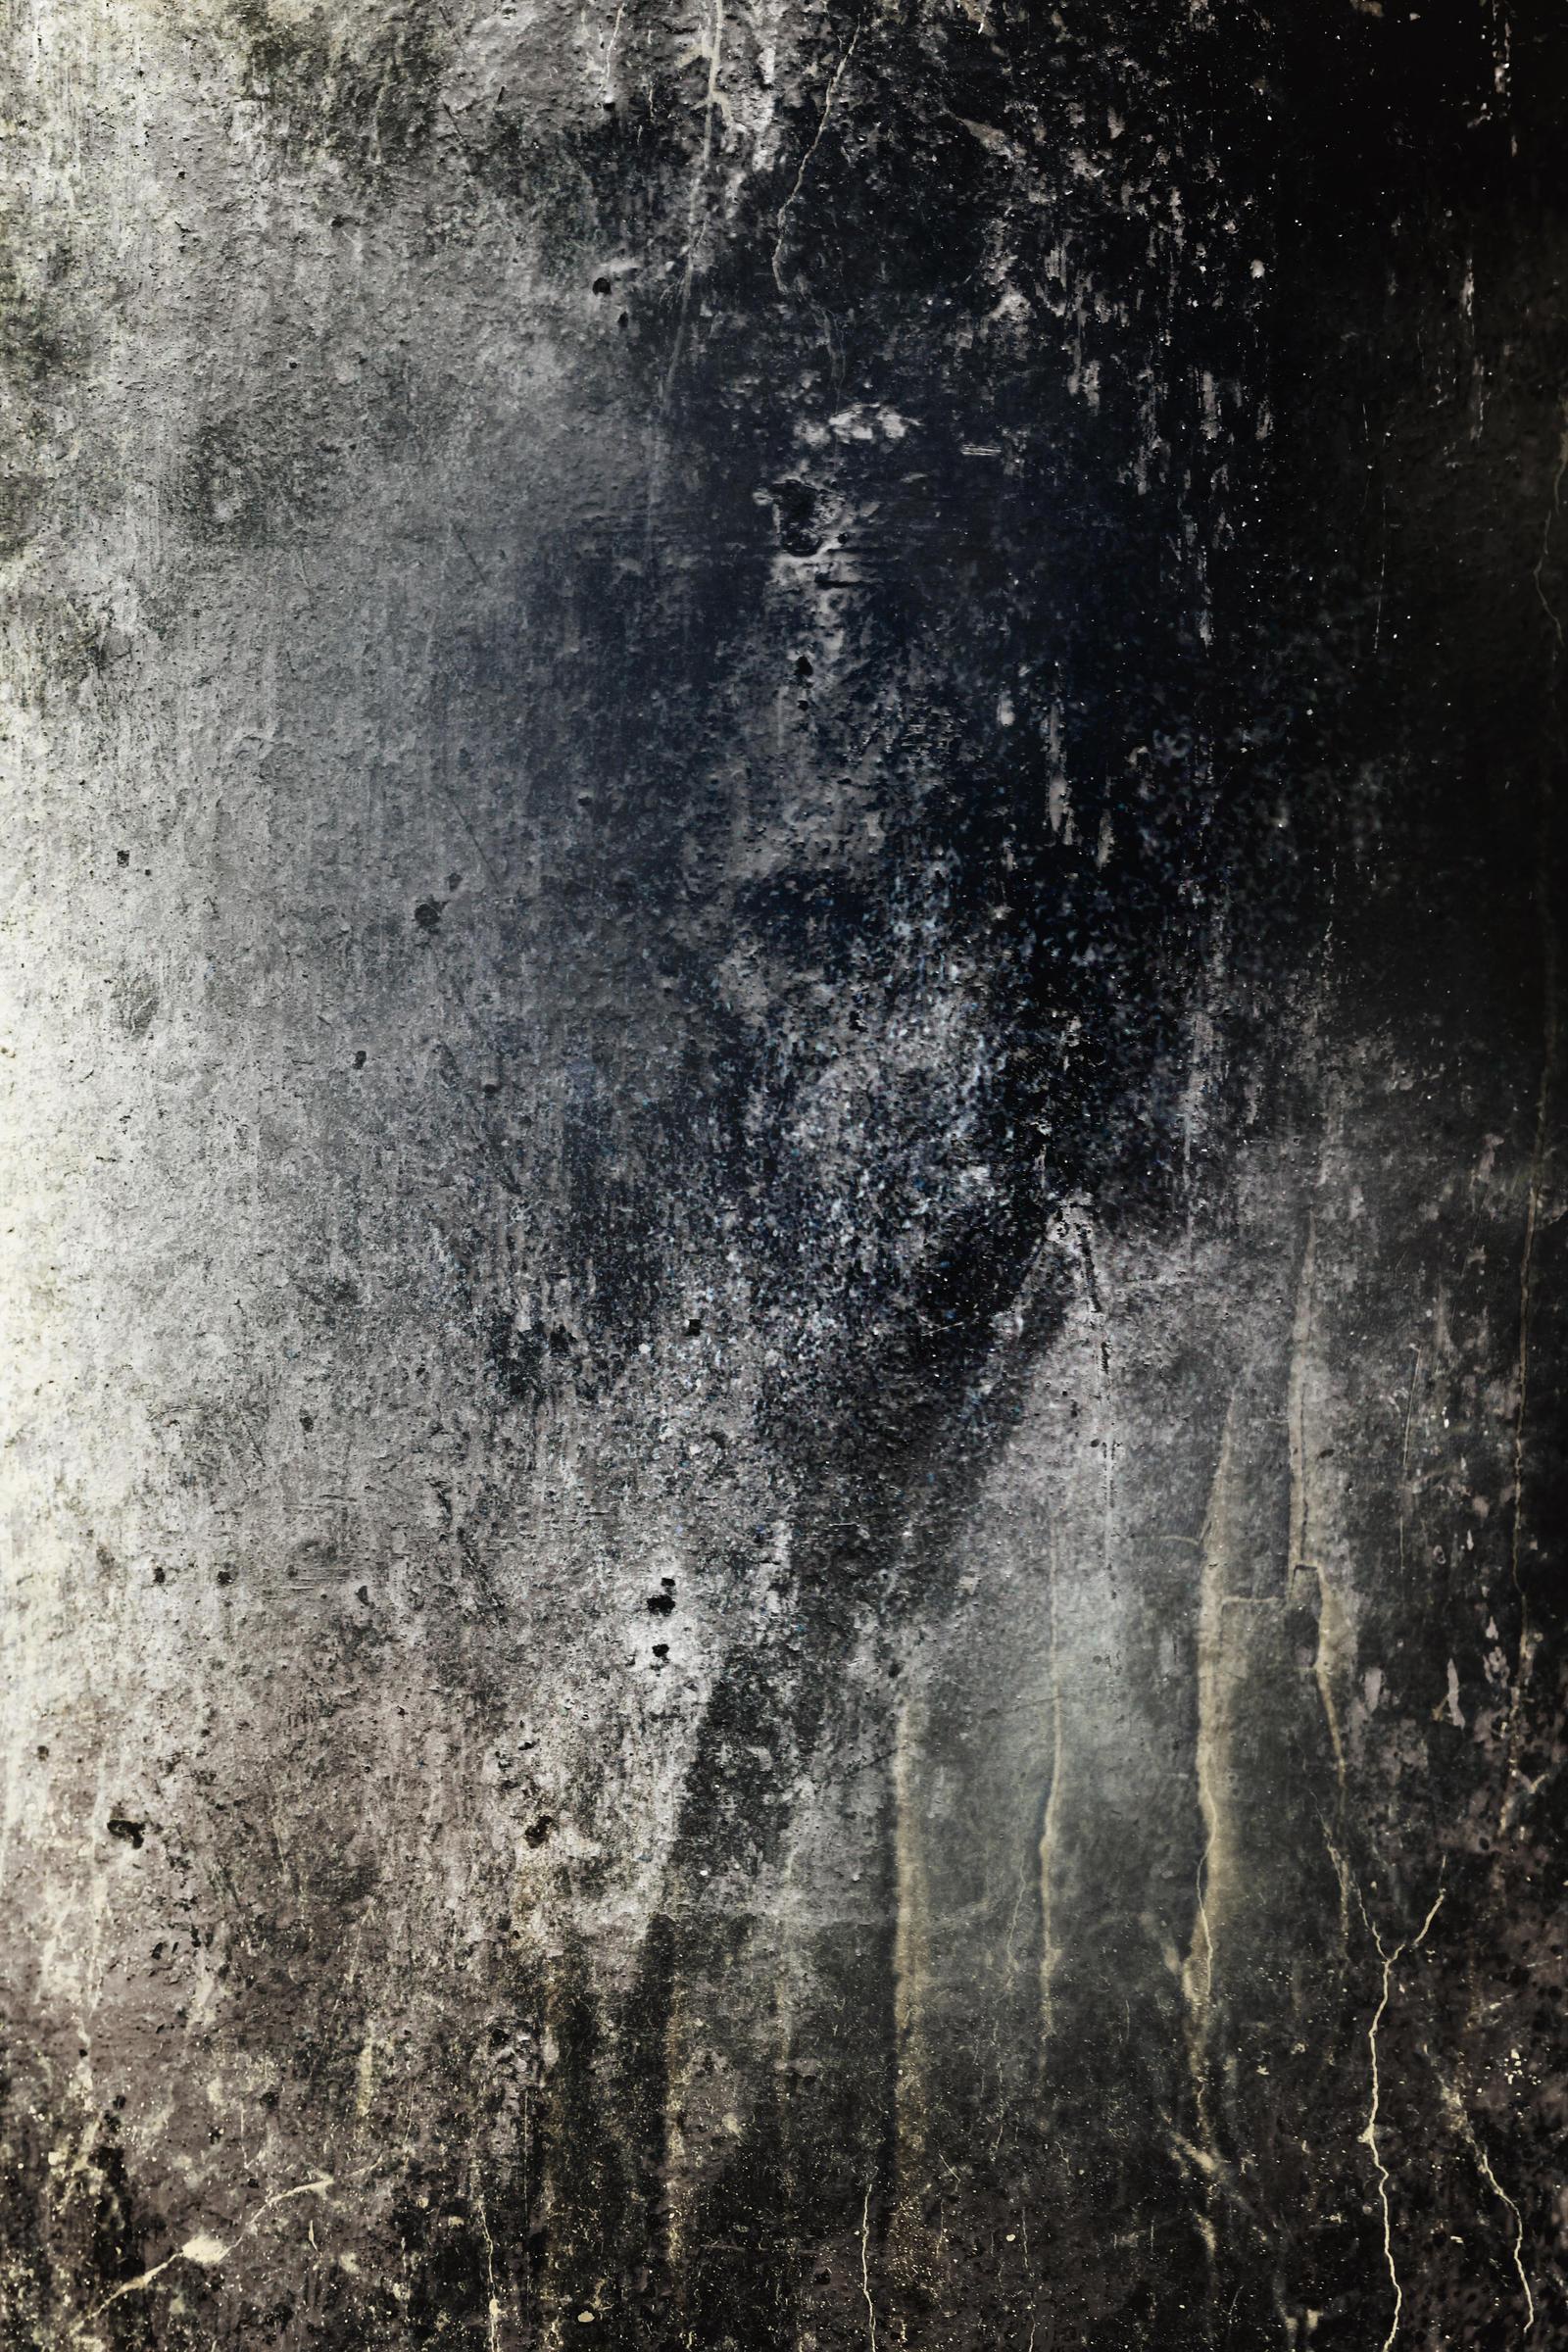 Texture 253 by Sirius-sdz